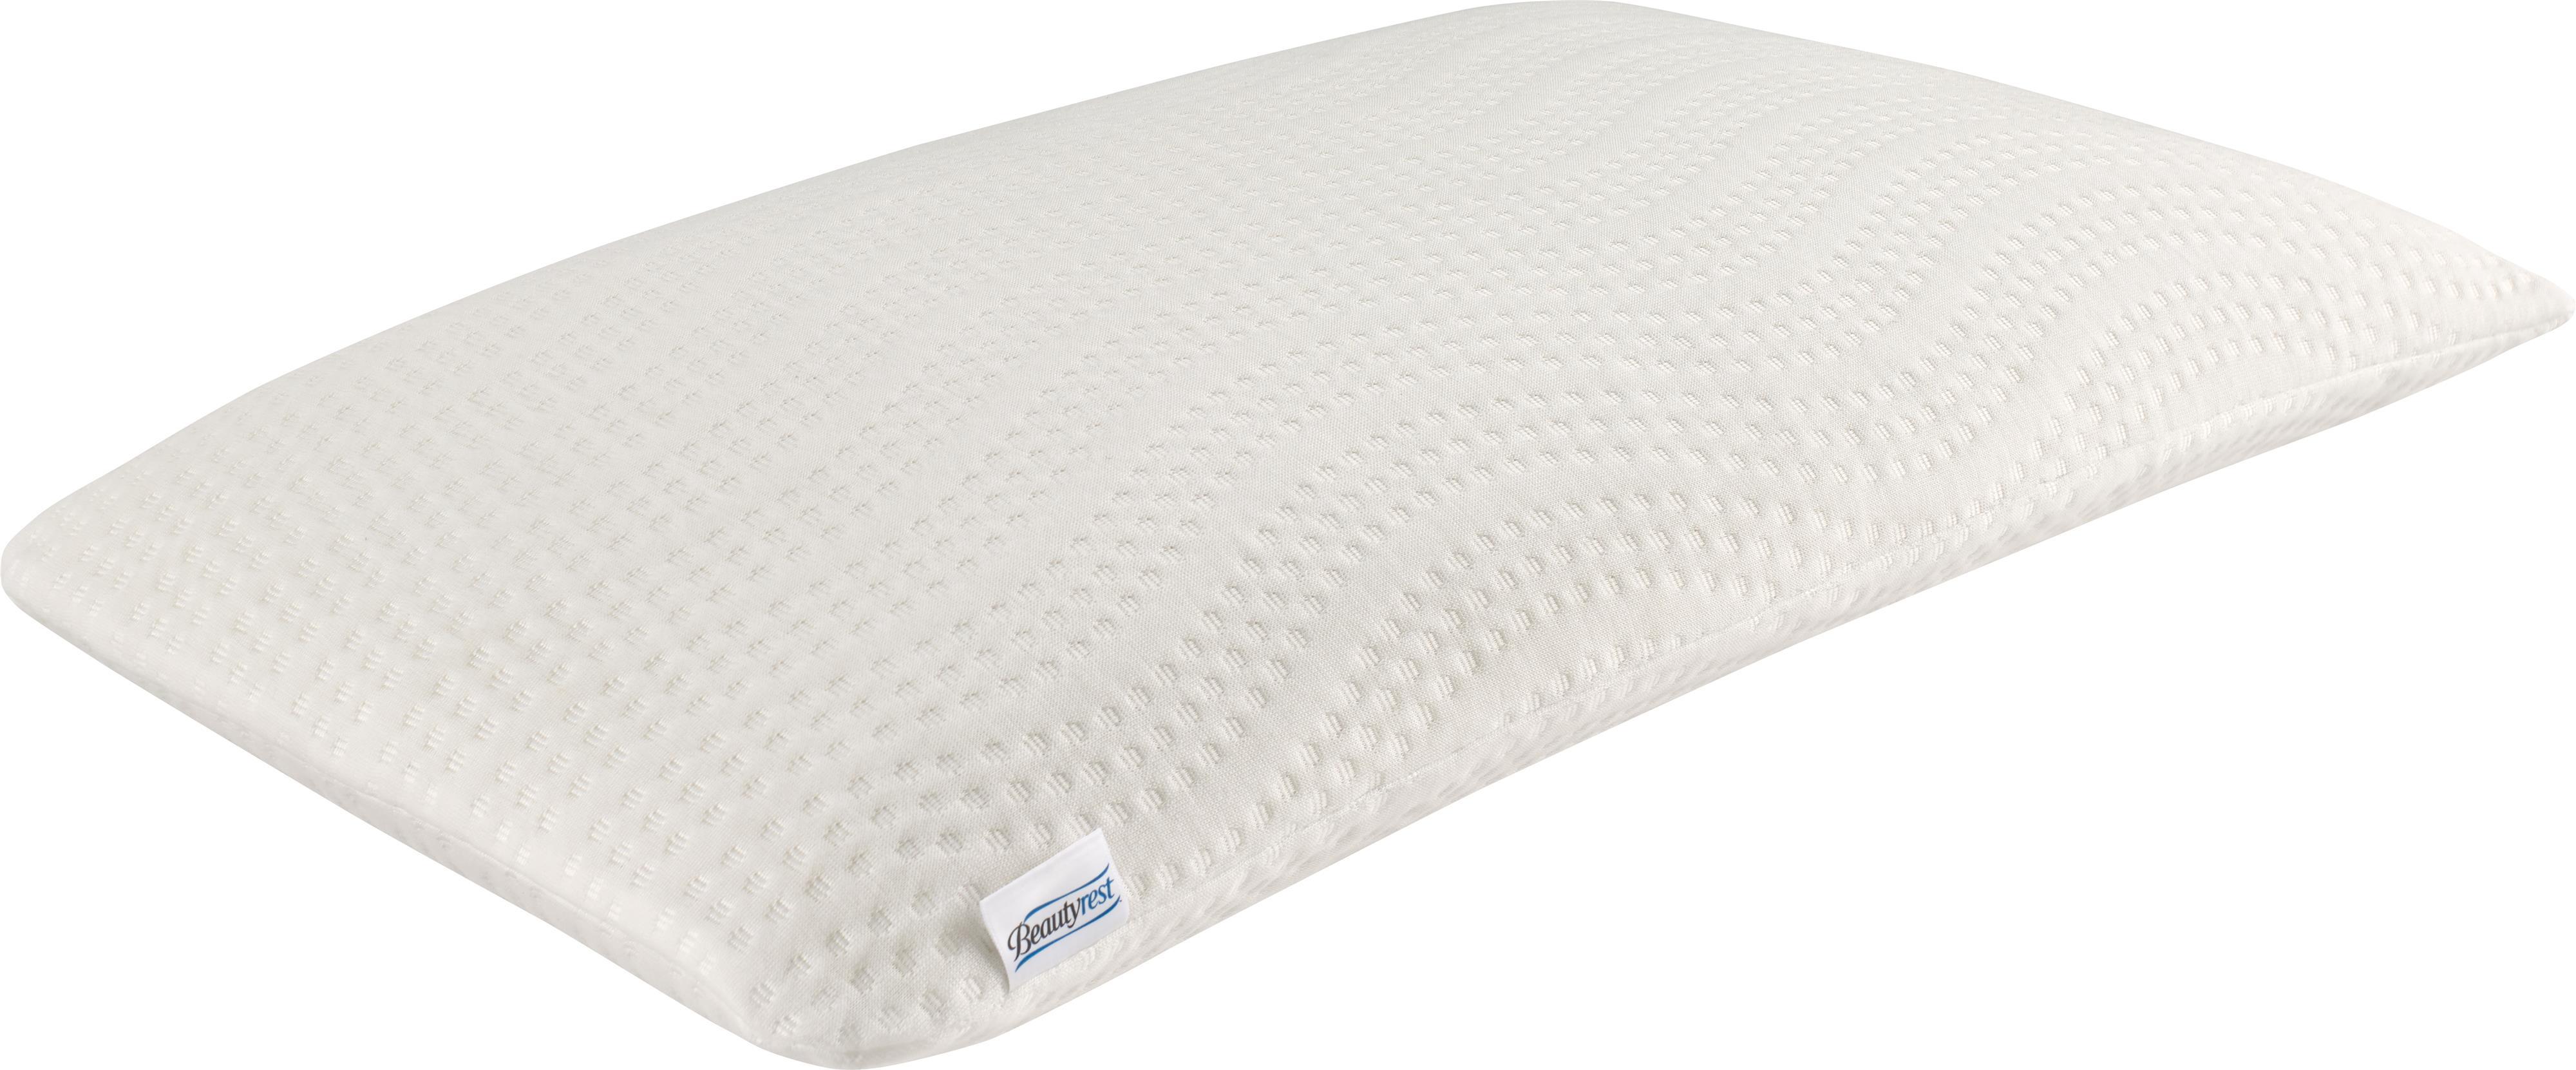 miller home furniture mattress